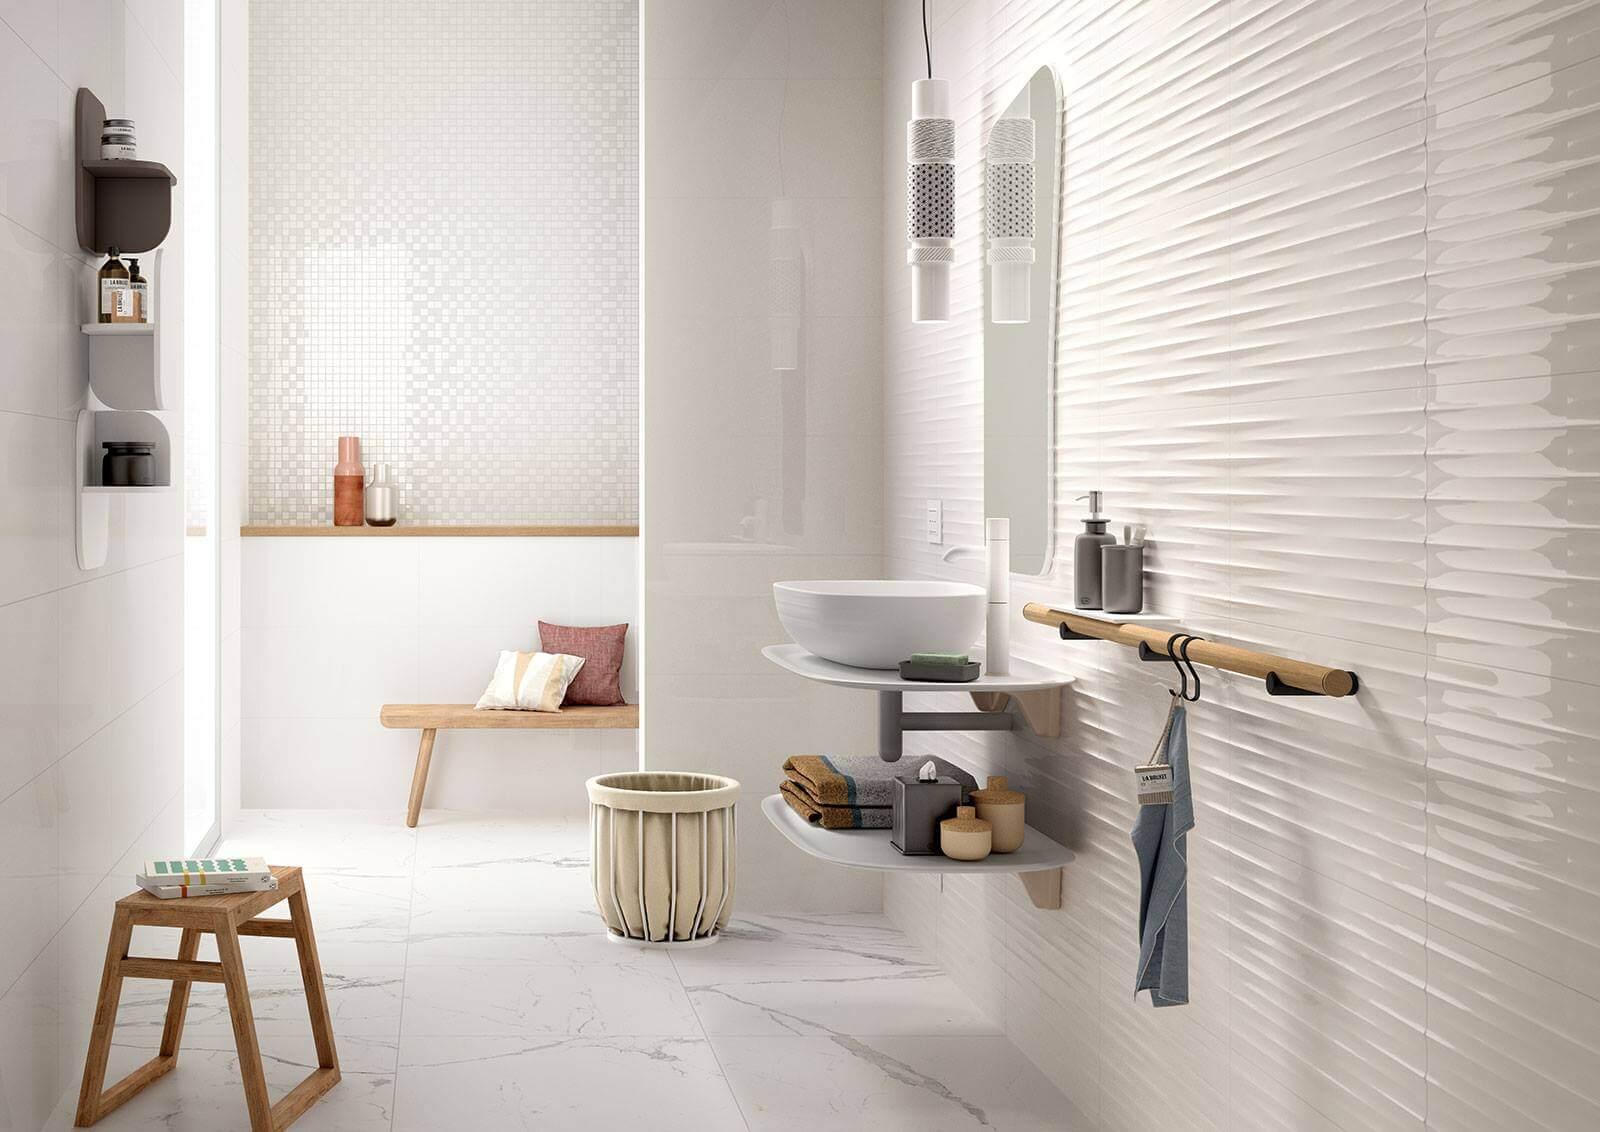 Badezimmer fliesen trend badezimmer fliesen aktuelle for Aktuelle badezimmer trends